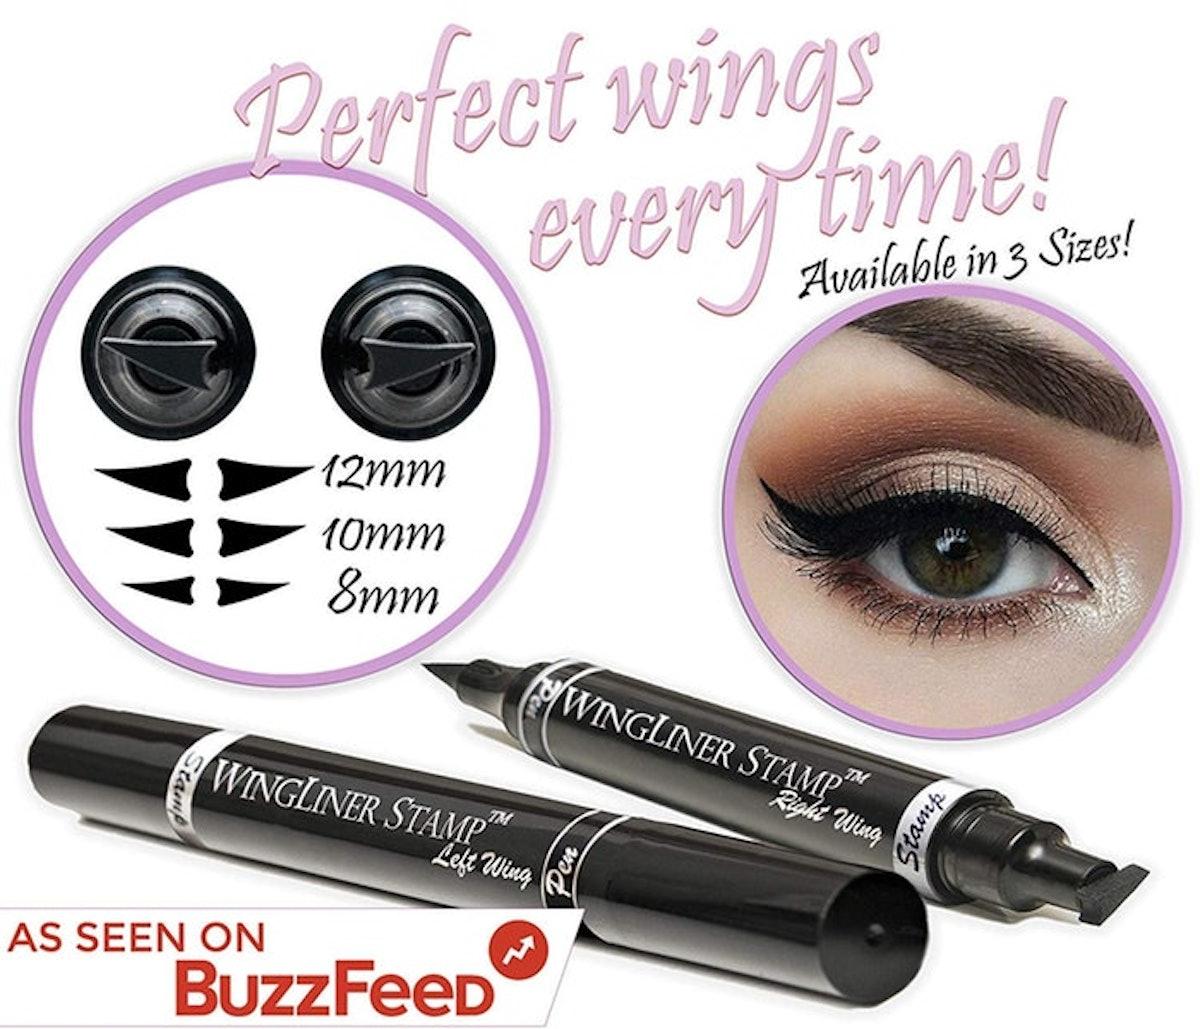 Lovoir Wingliner Eyeliner Stamp Pens (Set Of 2)